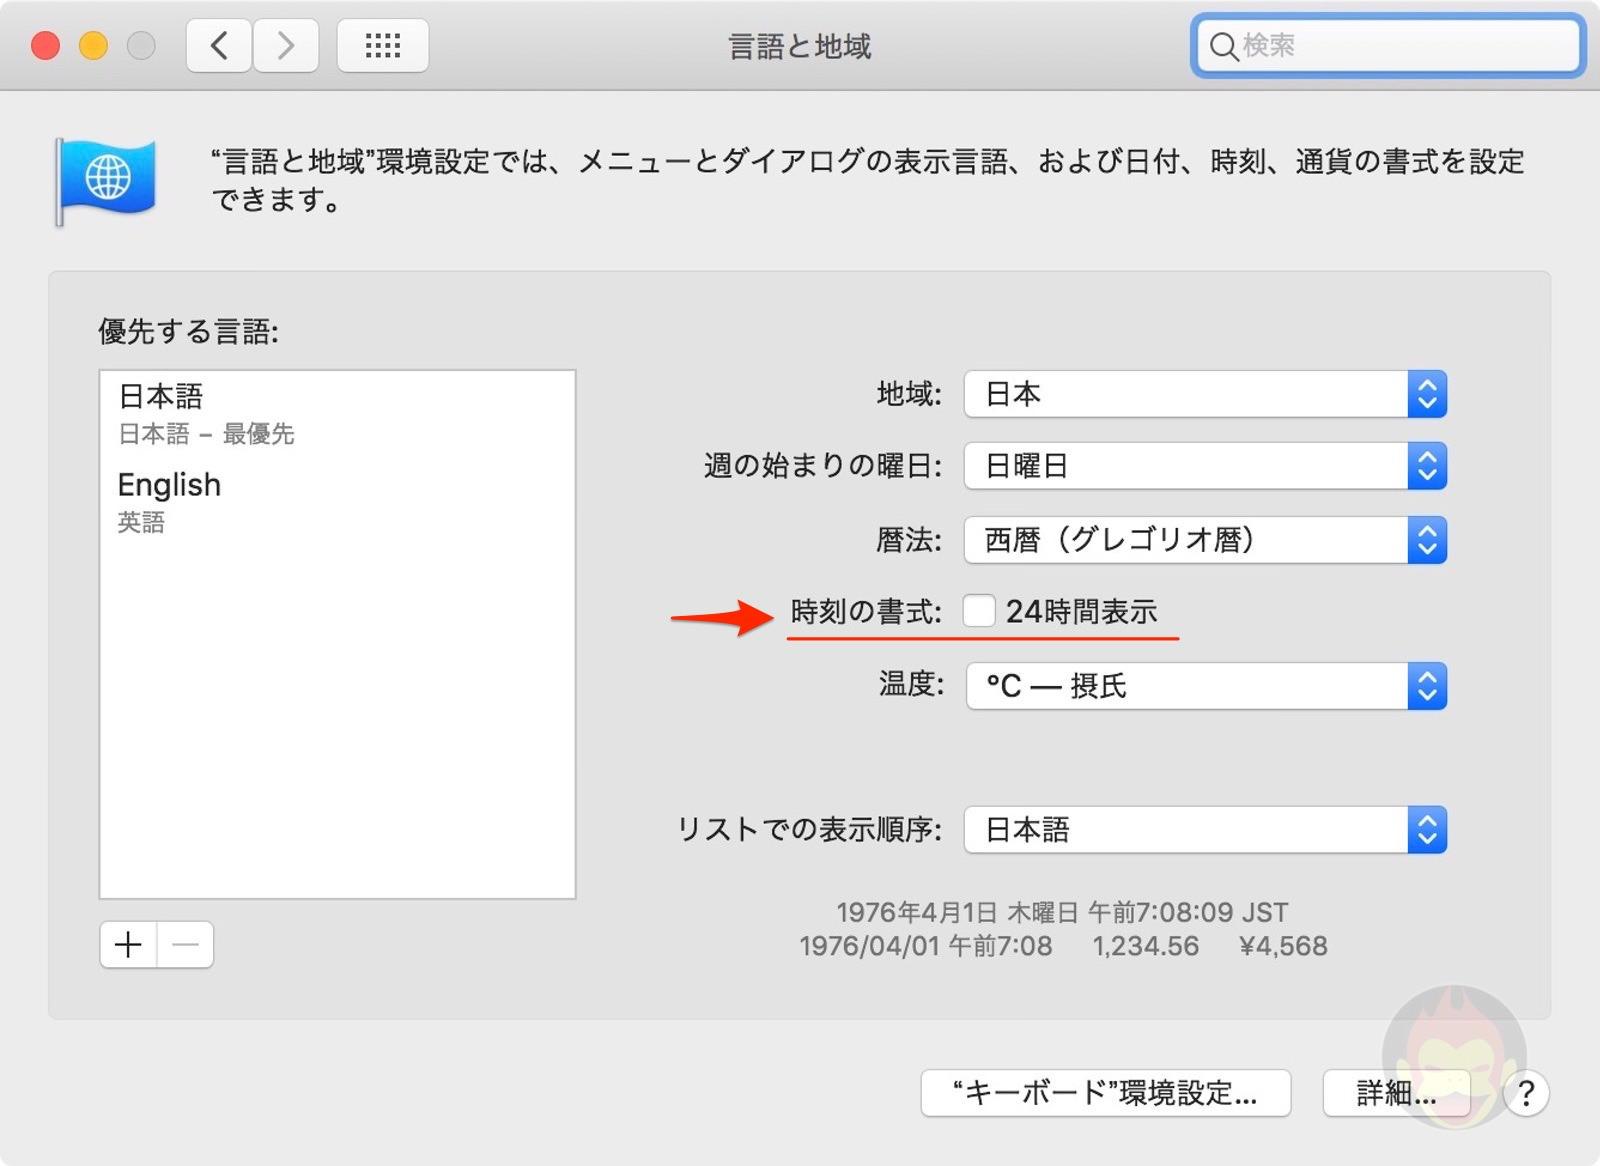 macOS-Calendar-24hour-format-01-2